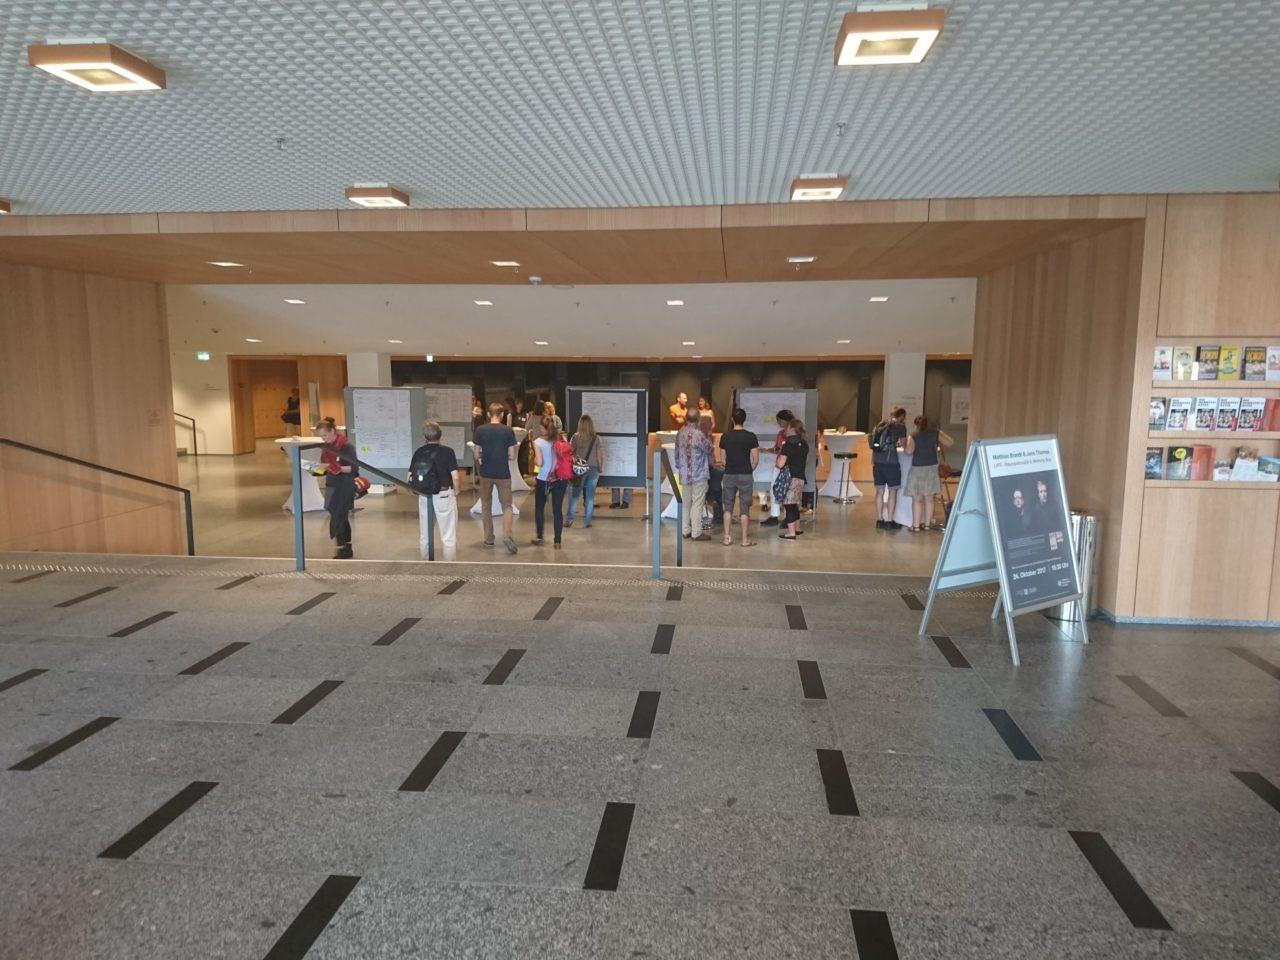 Projekte wurden direkt im Kulturpalast präsentiert. (Foto: Daniel Wendorf)